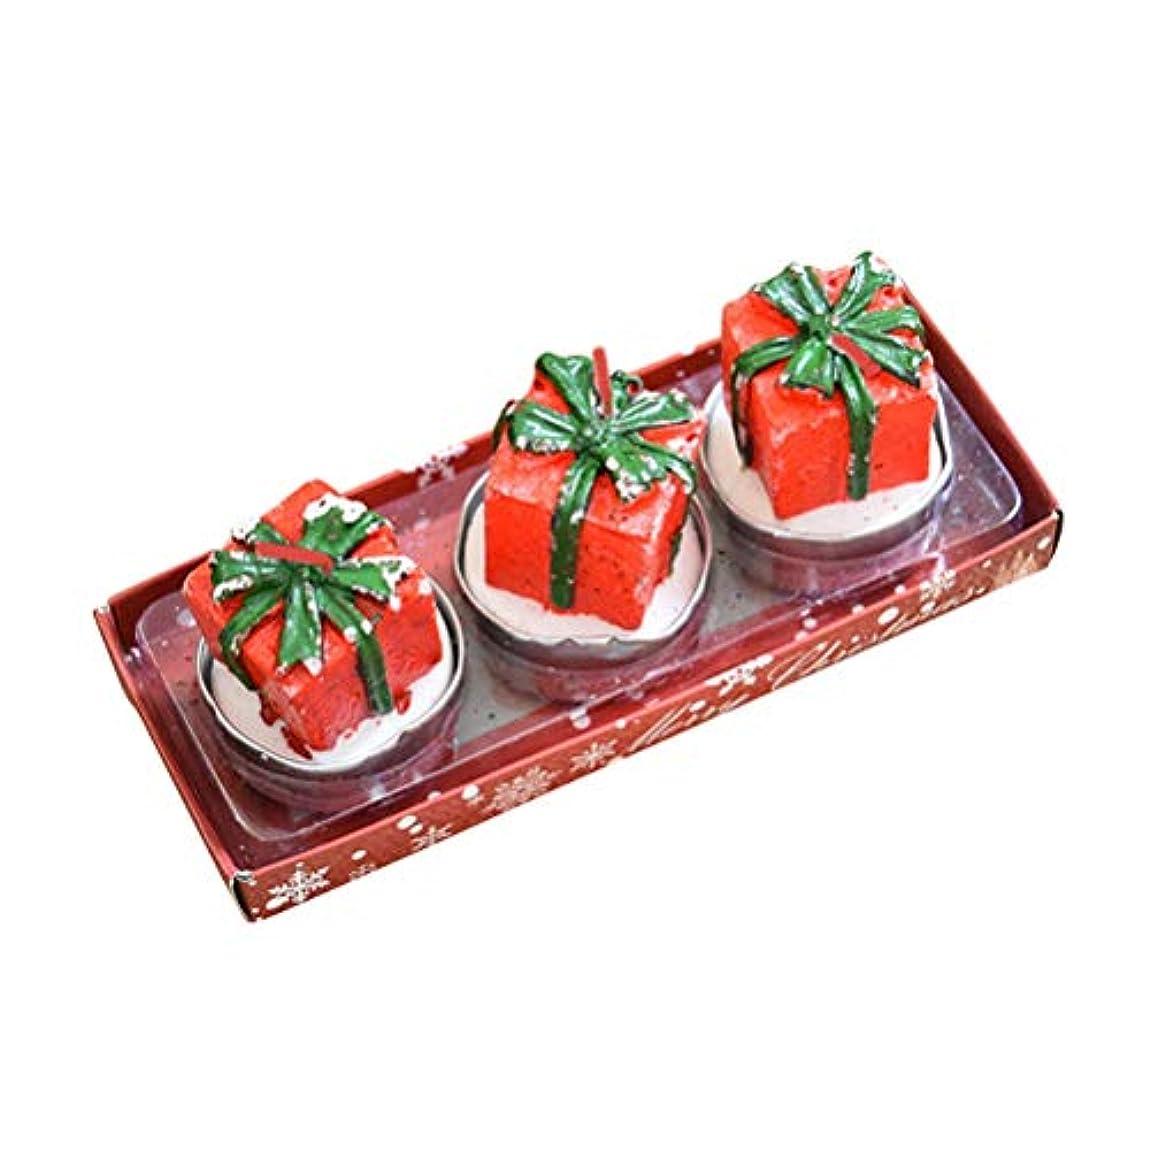 規制するボクシング料理BESTOYARD 3本のクリスマスキャンドルミニキュートな装飾的なギフトボックス形状のキャンドルスパのホームクリスマスパーティーウィンドウの表示テーブルの装飾の贈り物